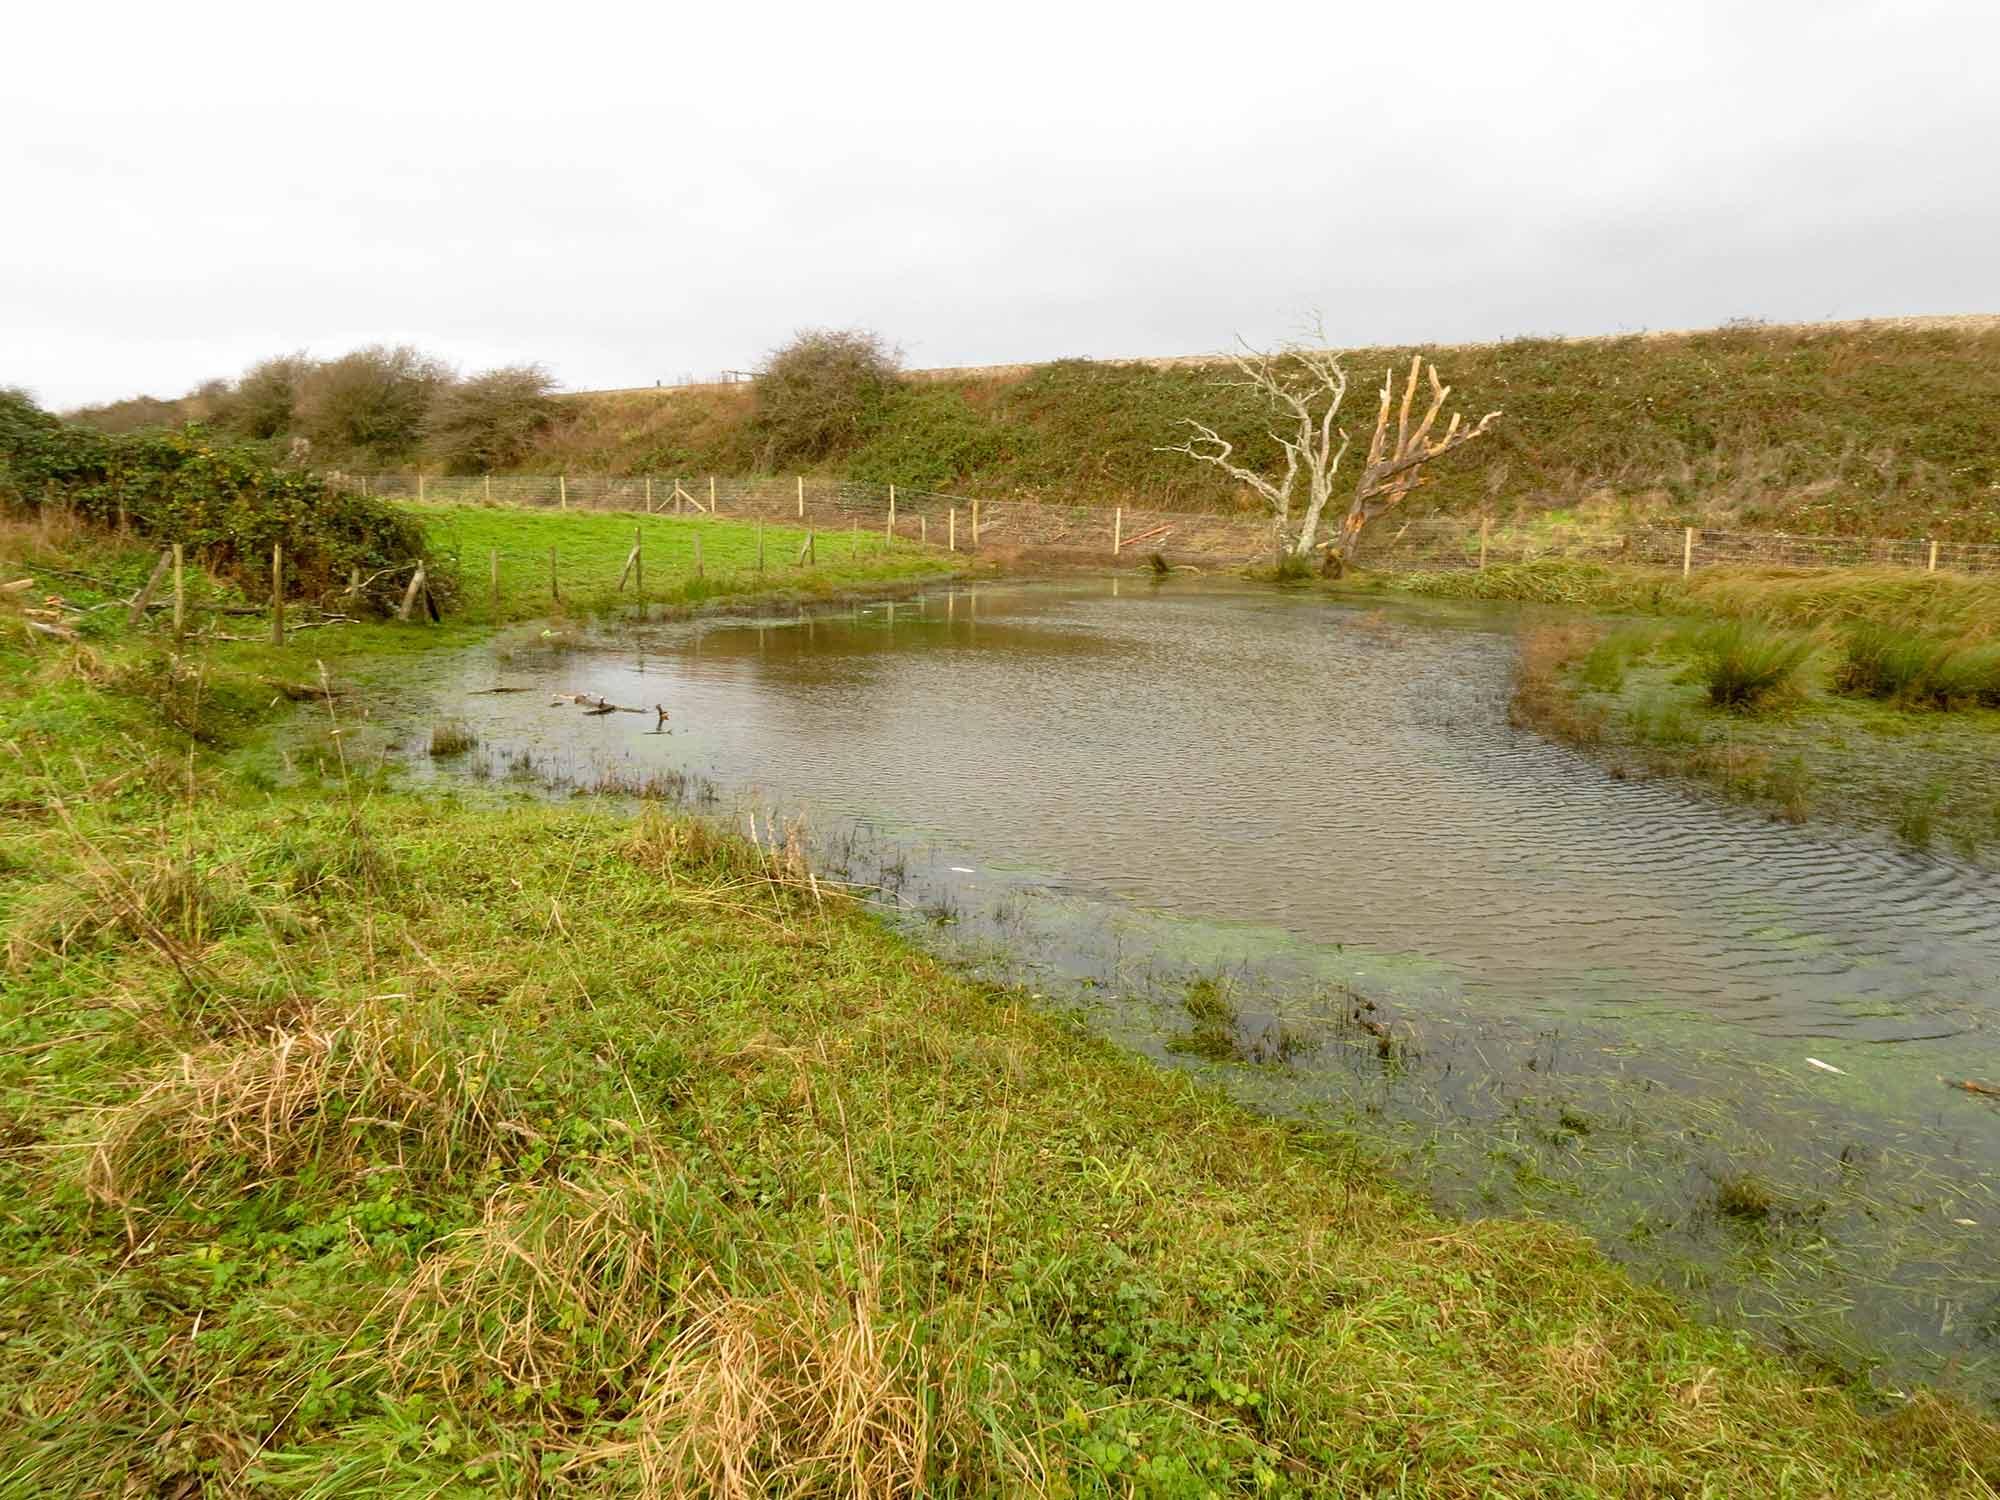 Kenfig-Industrial-Estate-Pond